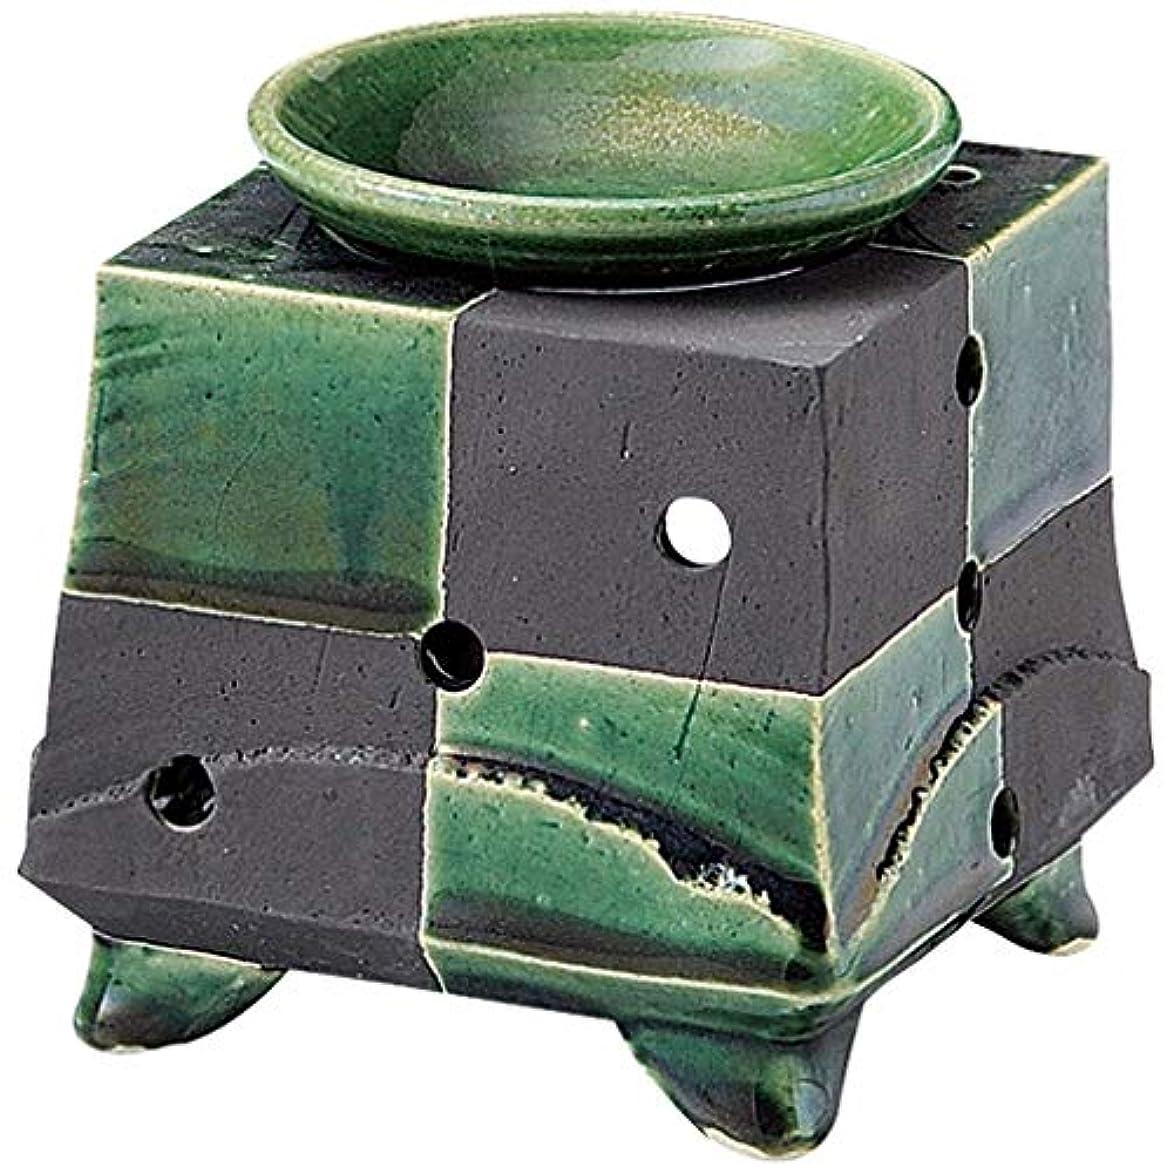 病な説教セットするYI--Y-1622 常滑焼 茶香炉 化粧箱入 径11.5×高さ11.5cm